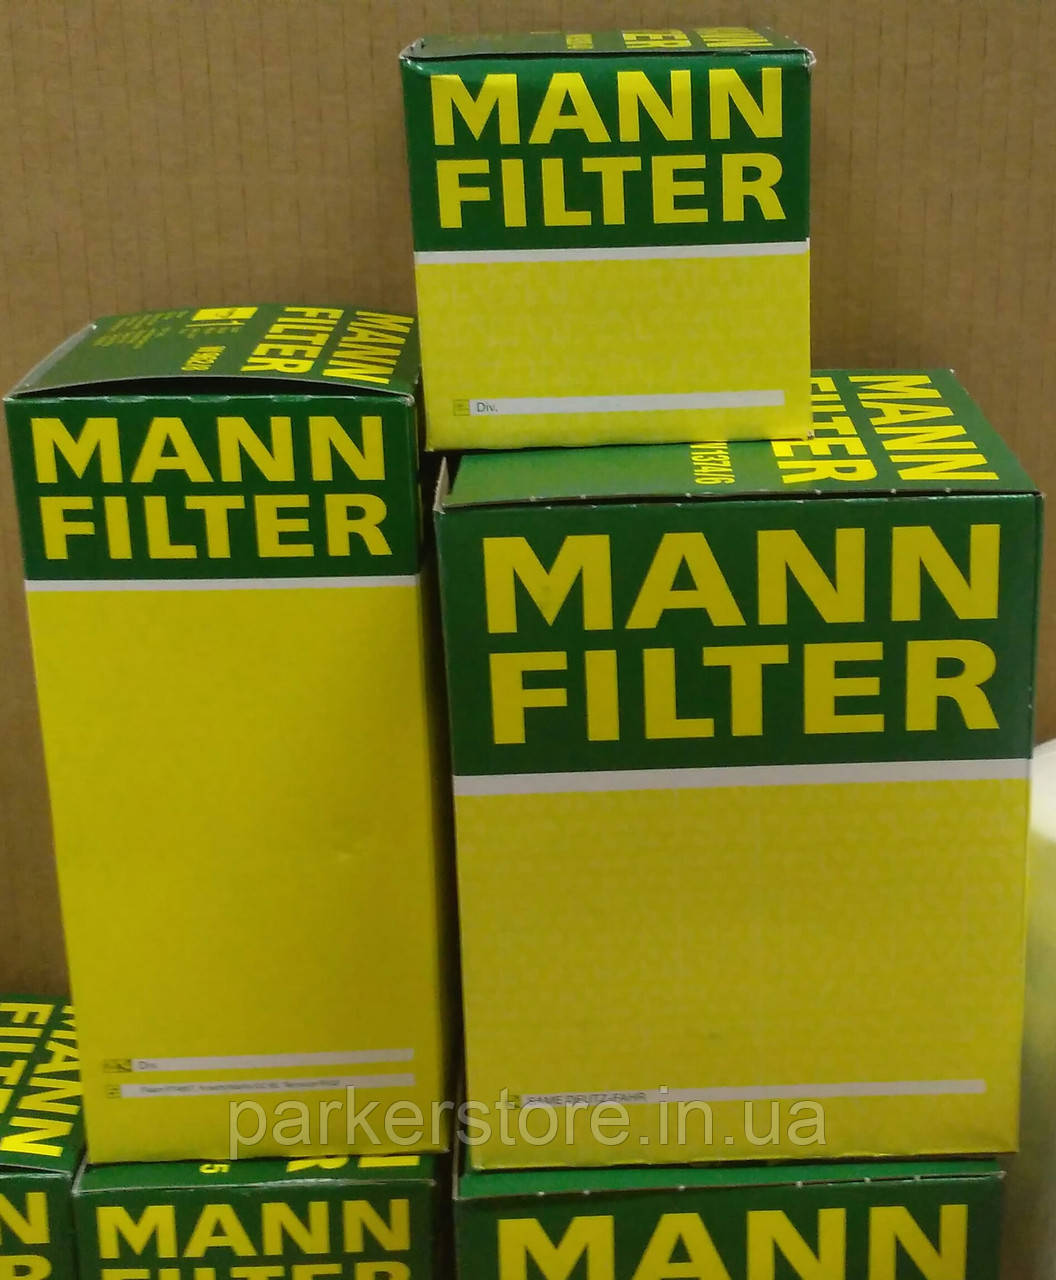 MANN FILTER / Воздушный фильтр / C 29 117 / C29117